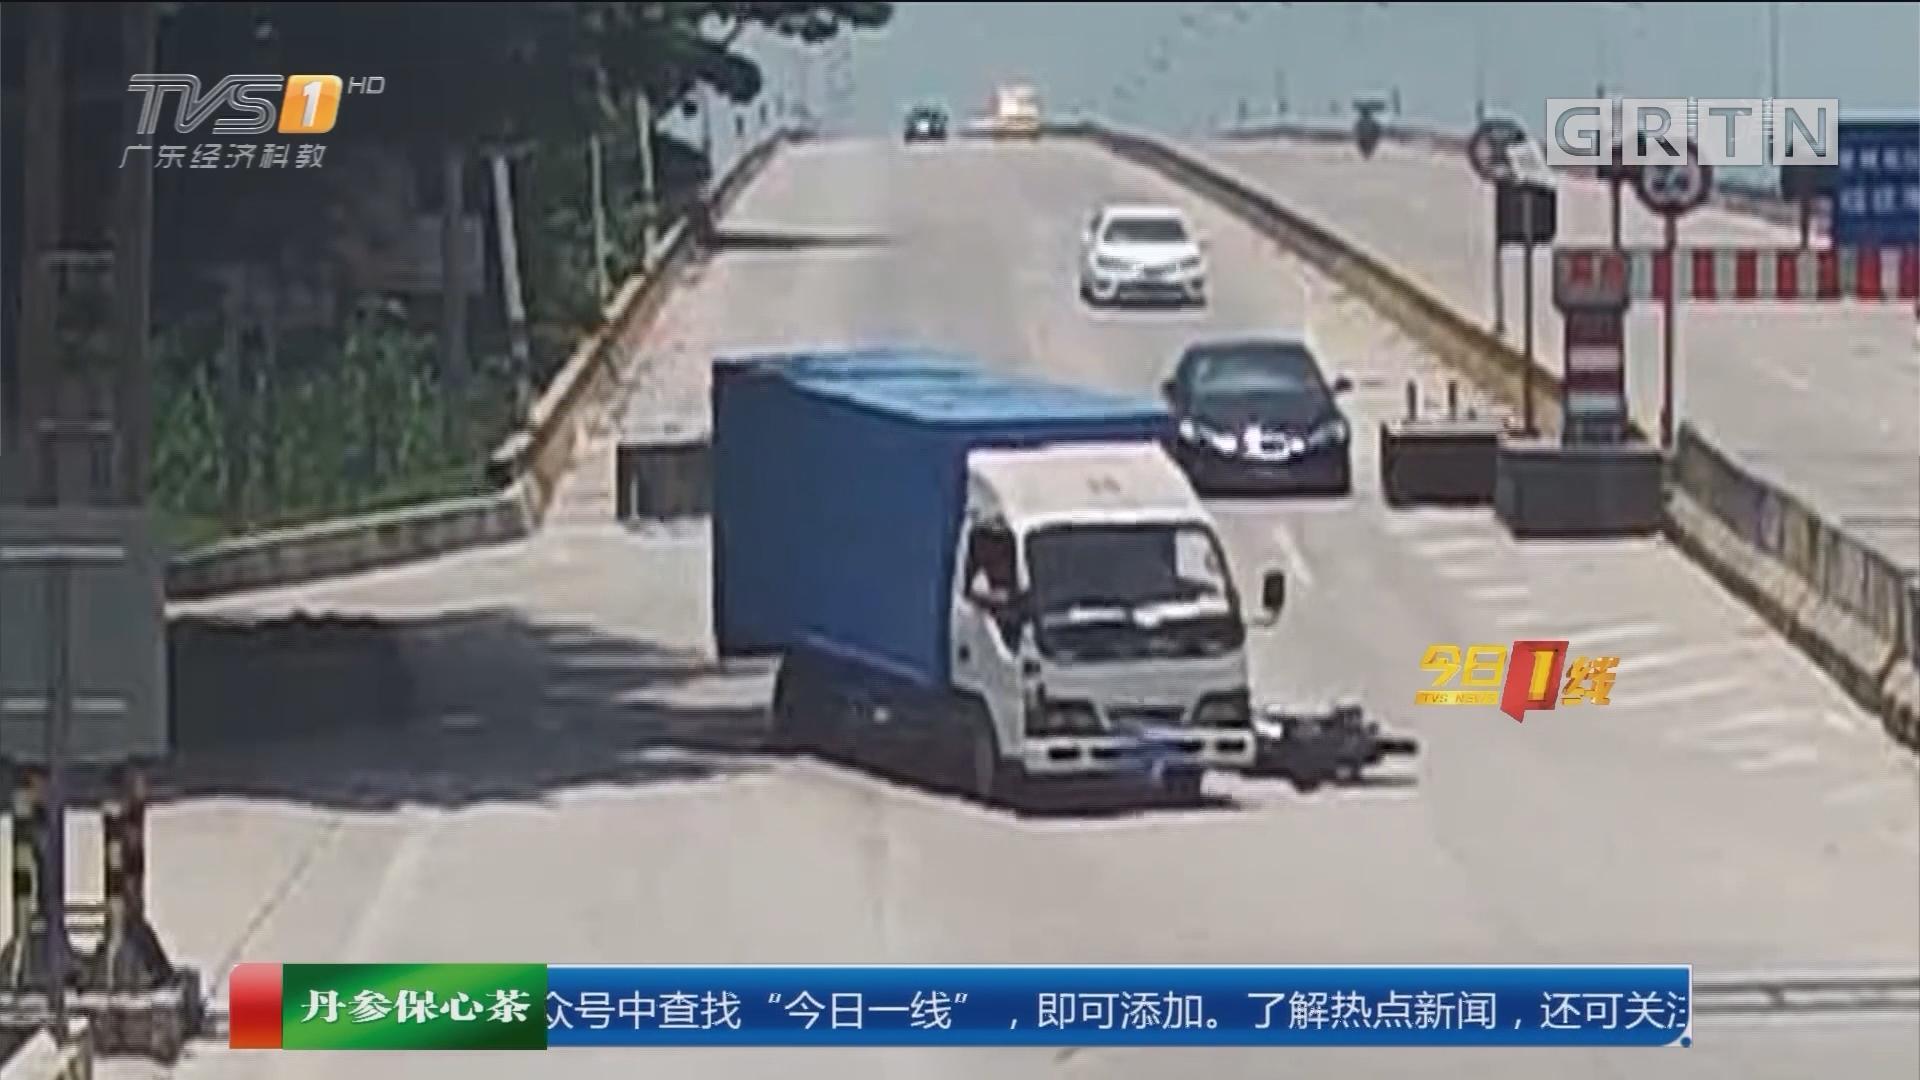 东莞桥头:货车与摩托相撞 肇事者逃逸后终自首